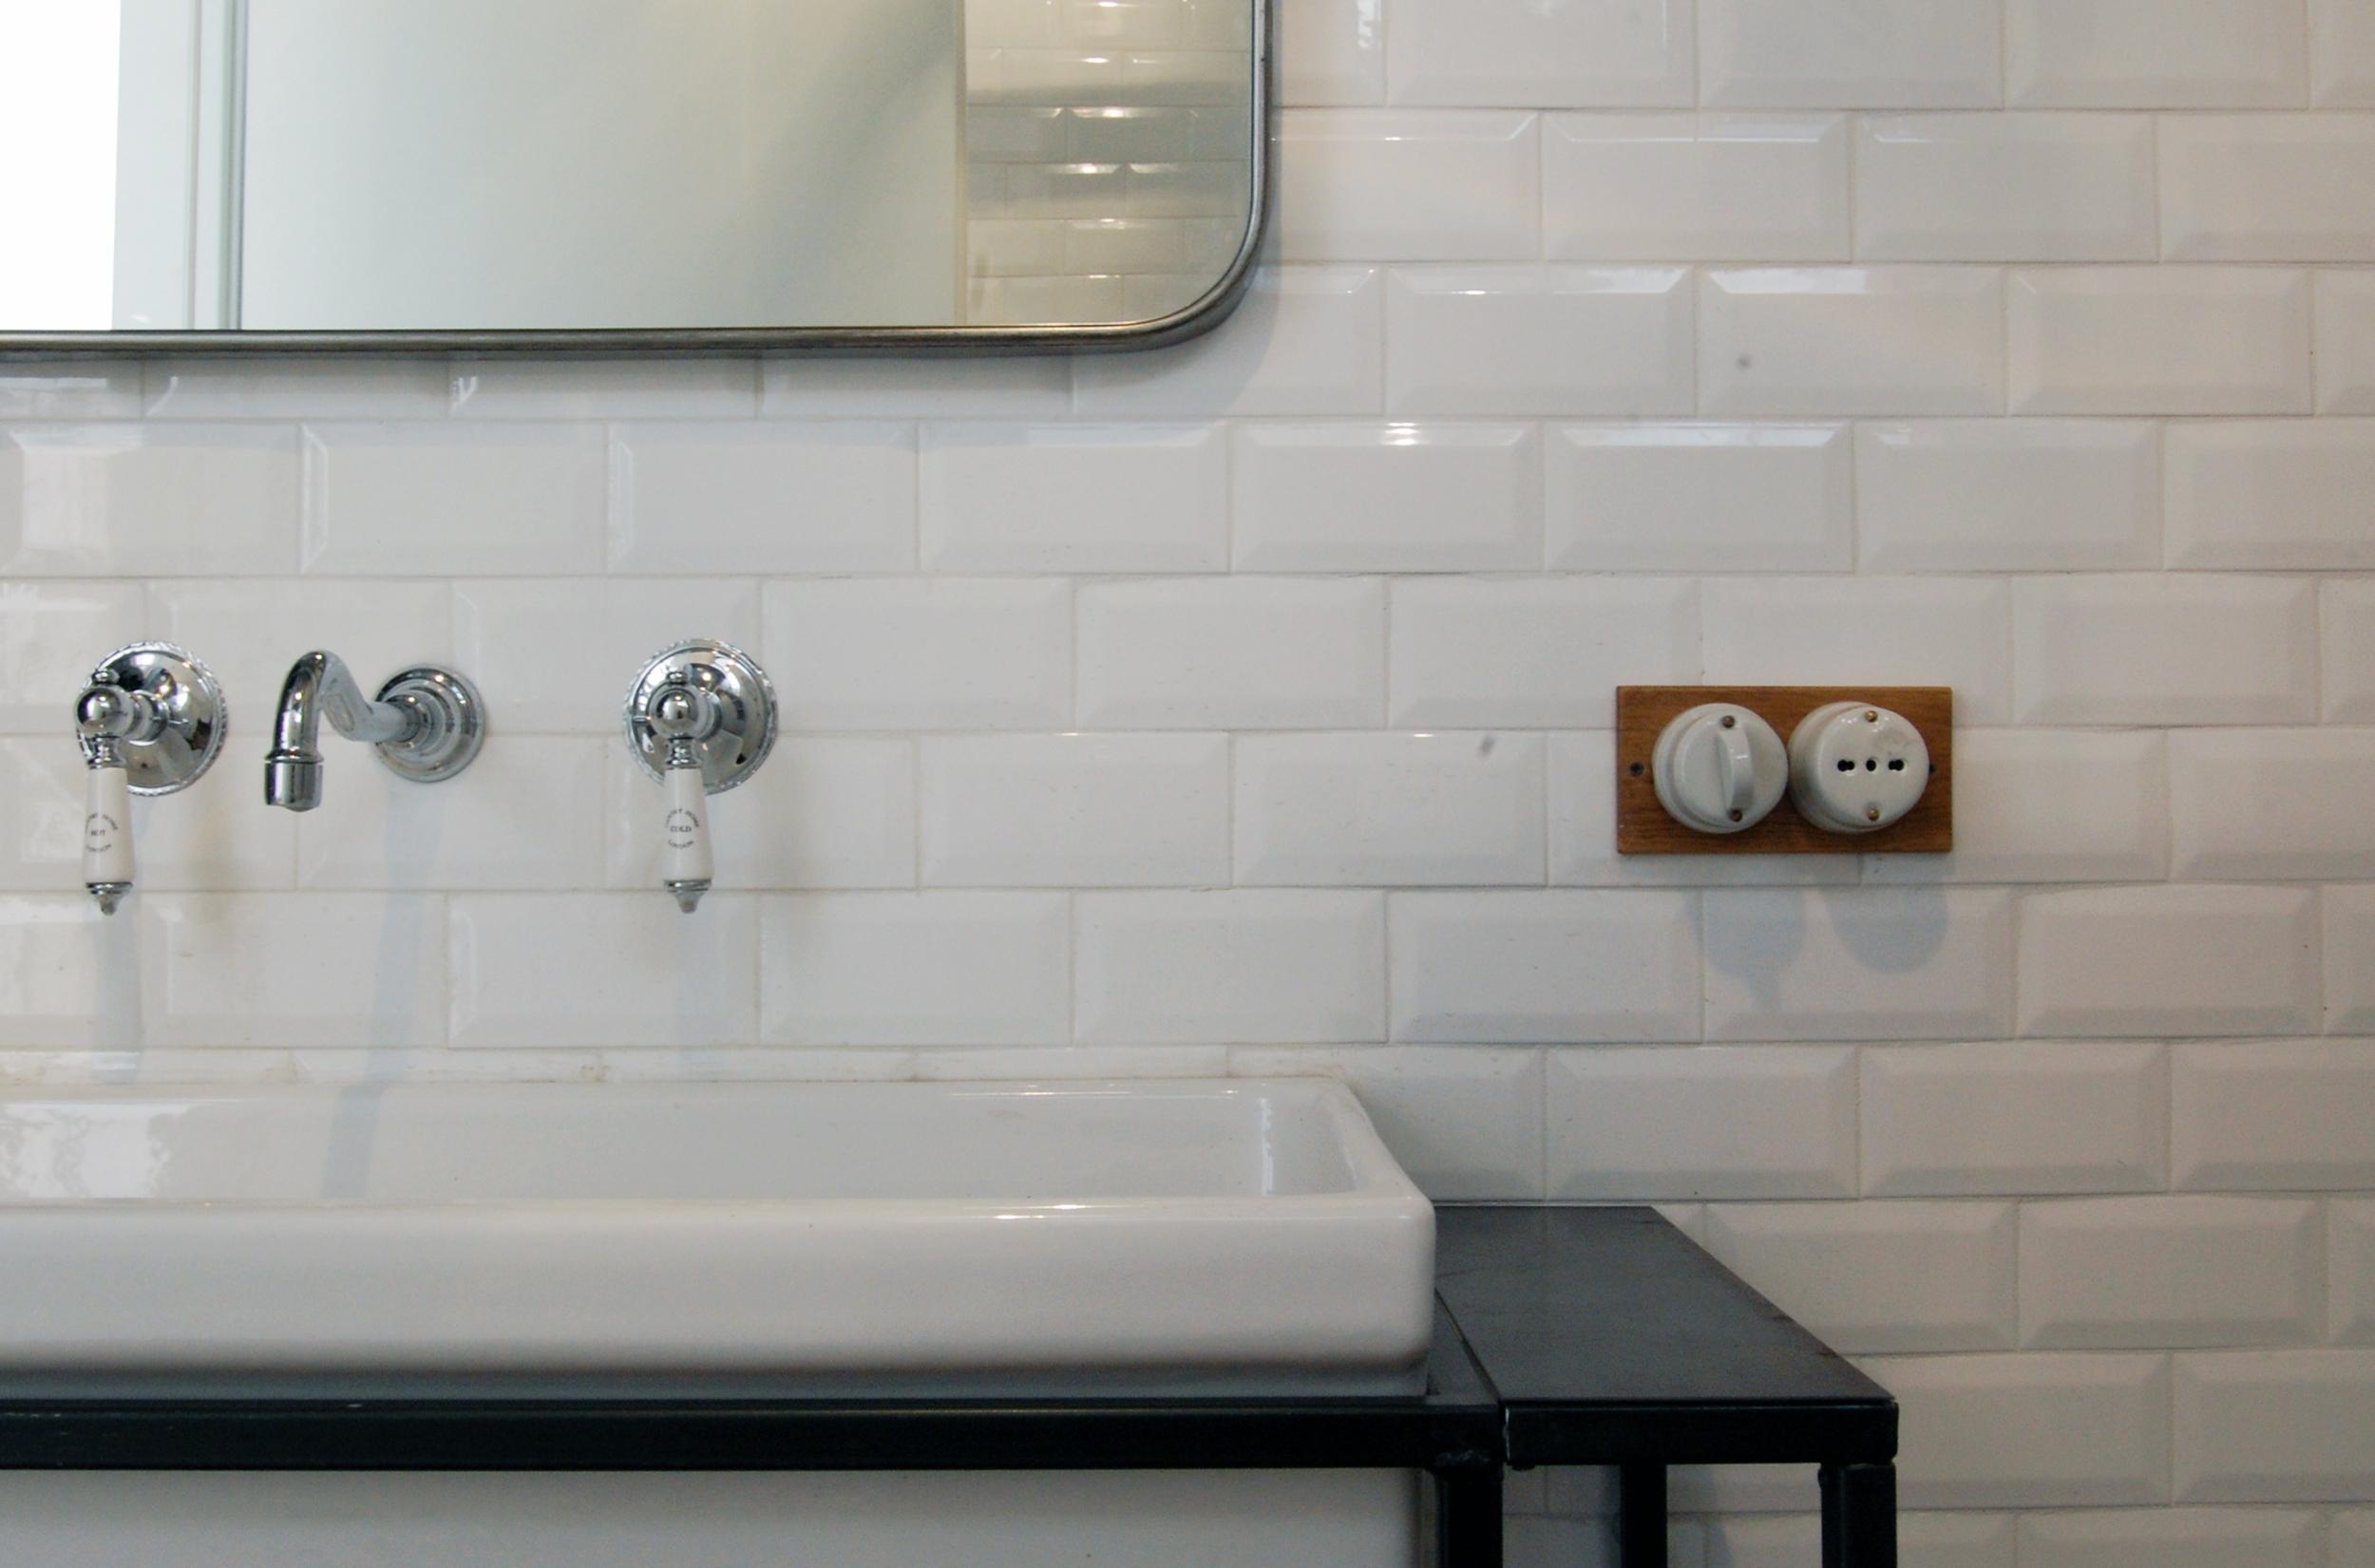 Un dettaglio del bagno, con il lavandino incassato in un struttura metallica e i pulsanti in ceramica su placca in legno.